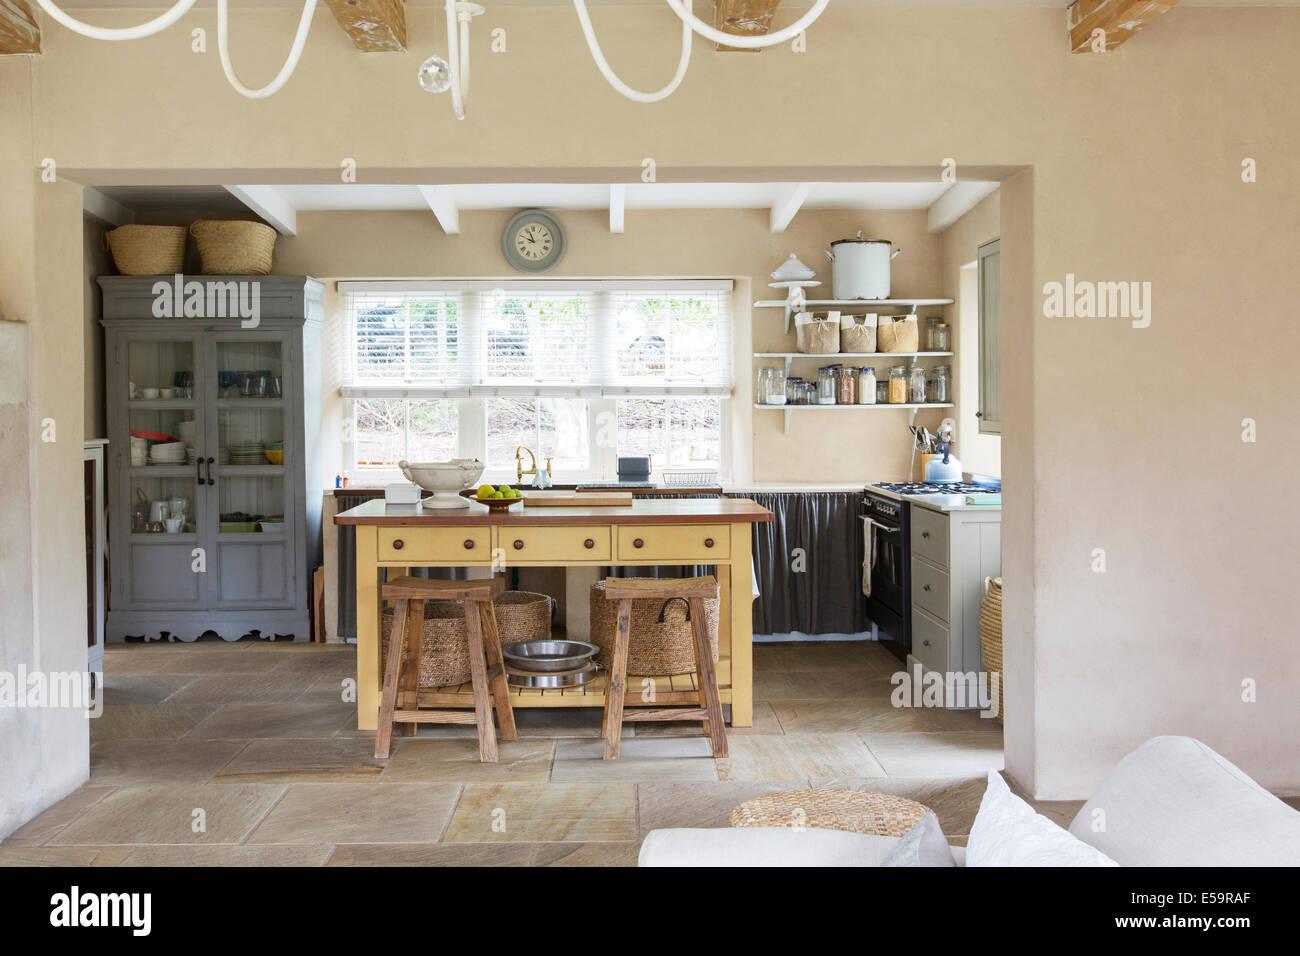 Dans l'île de cuisine maison rustique Photo Stock